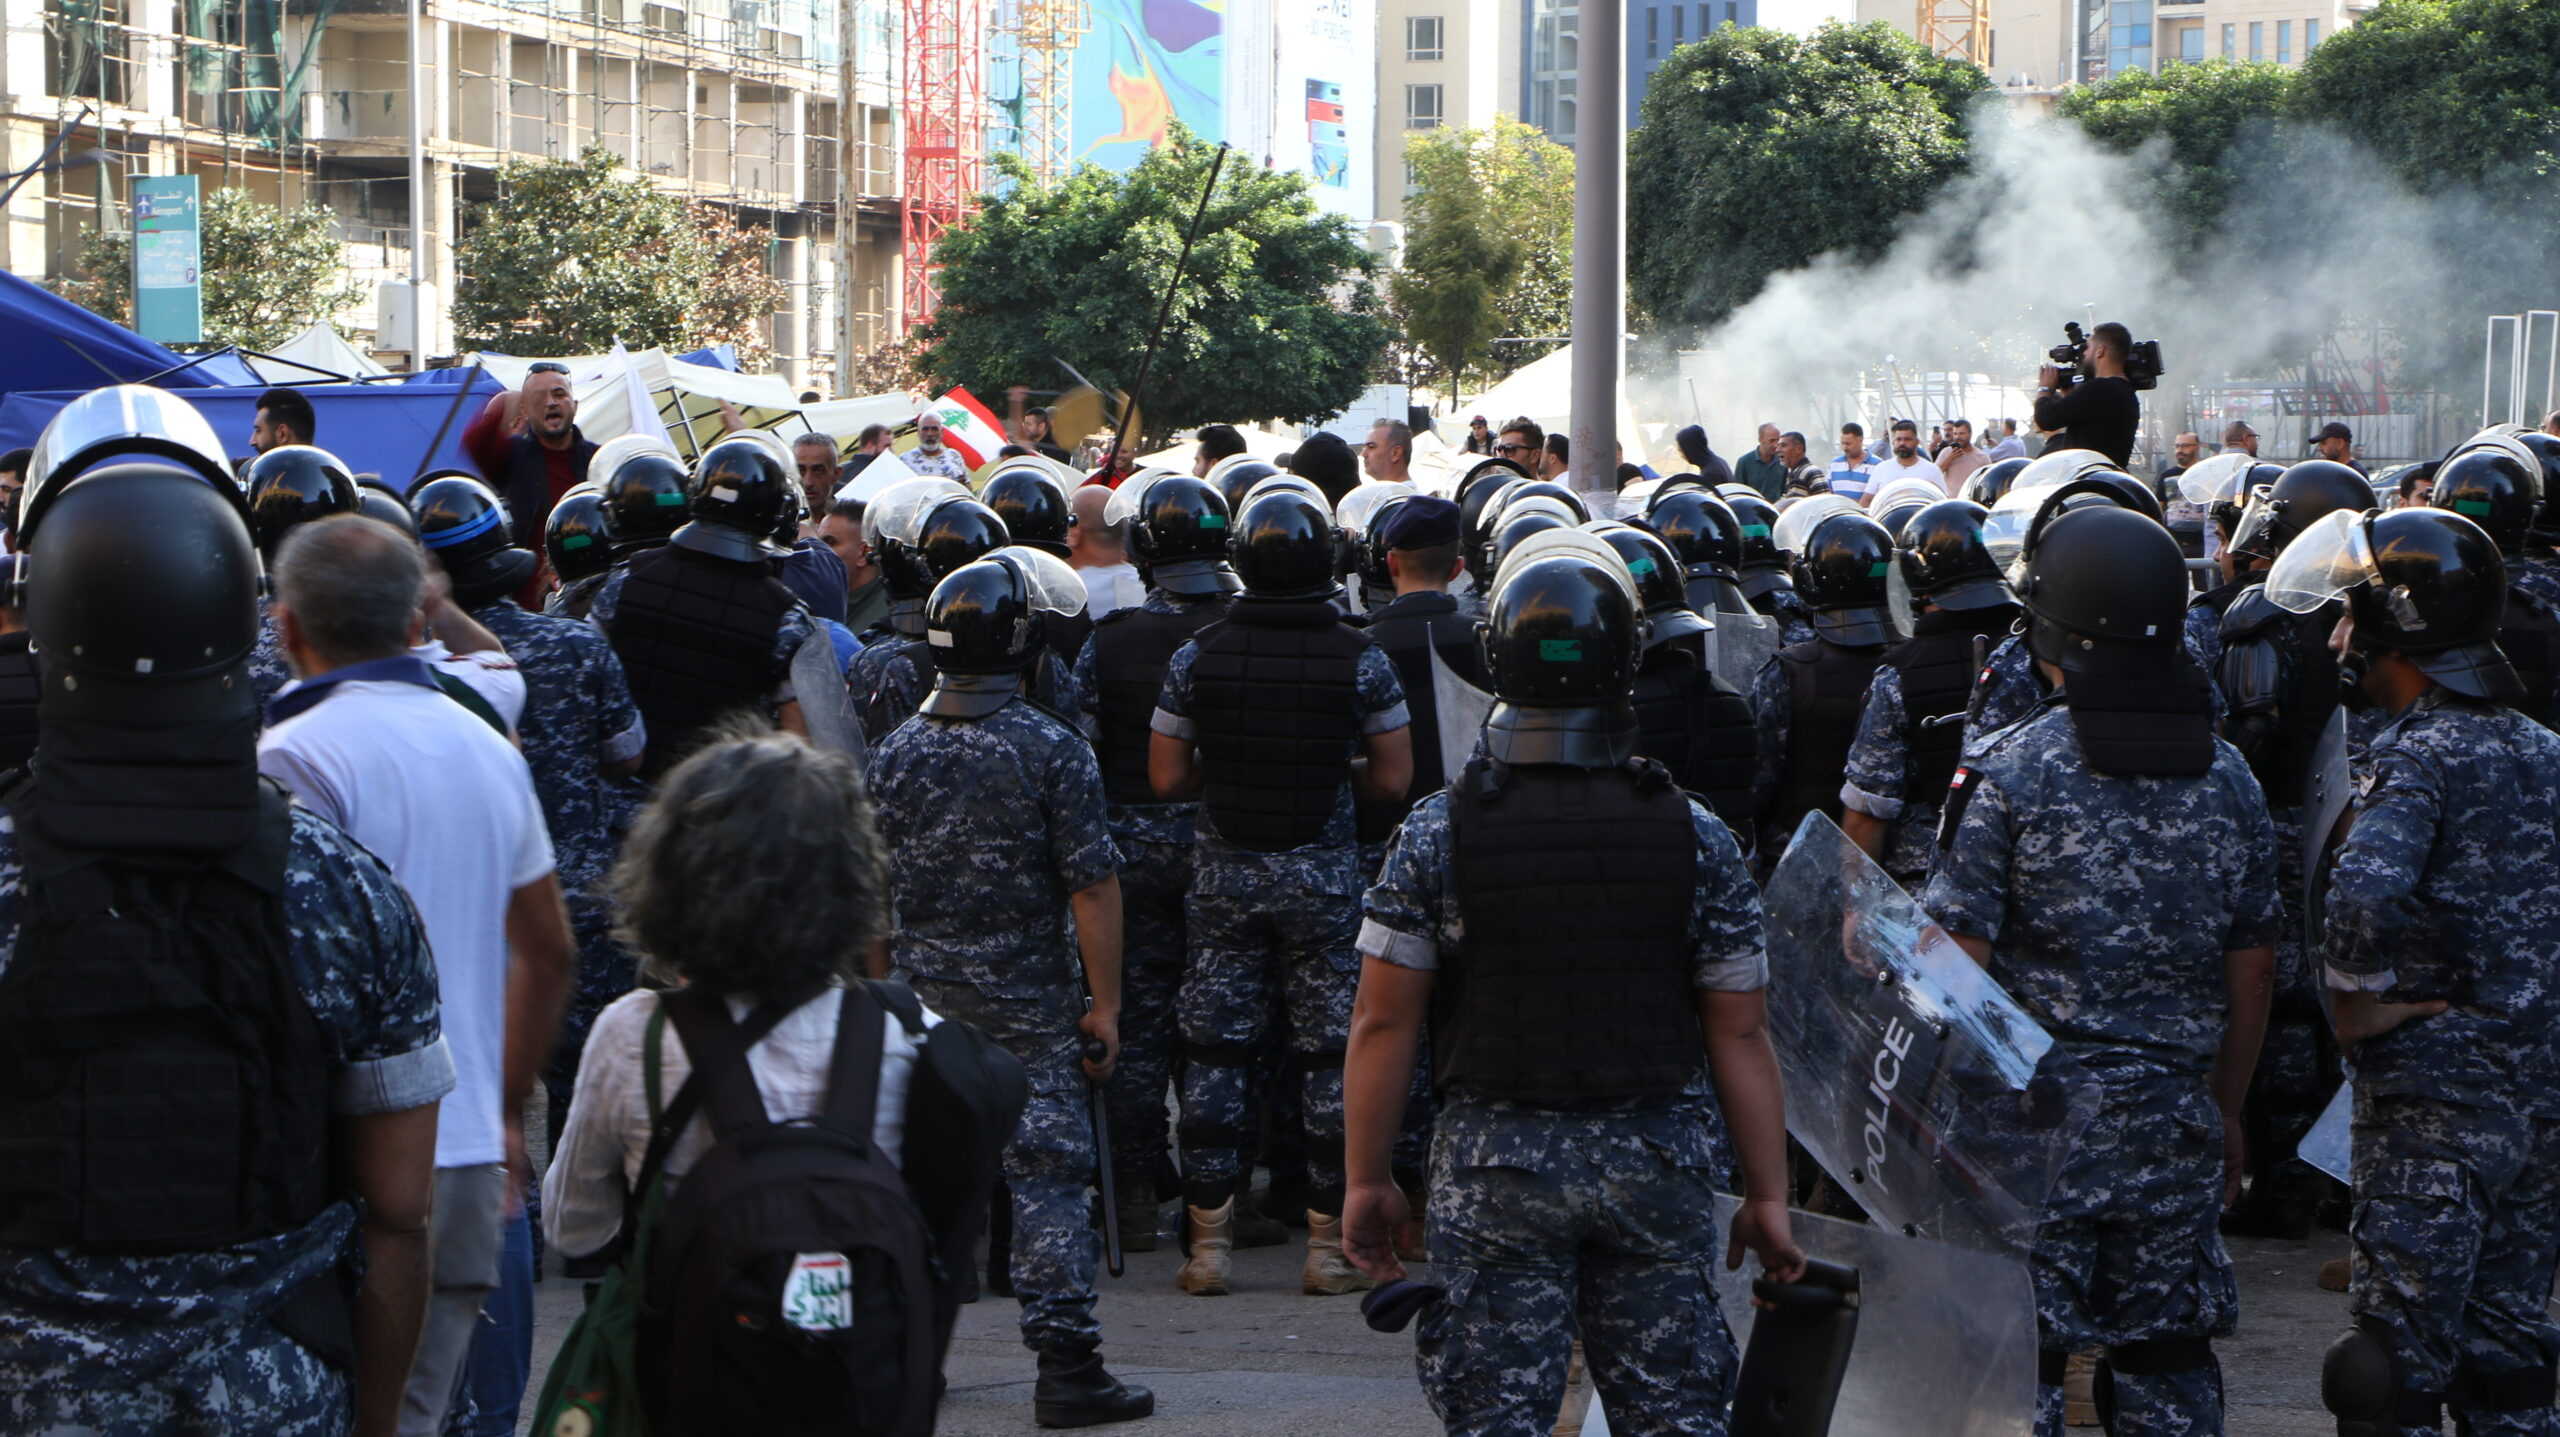 موقعة تكسير مخيّم المعتصمين في وسط بيروت: تفاصيل اعتداء منسق وموجه